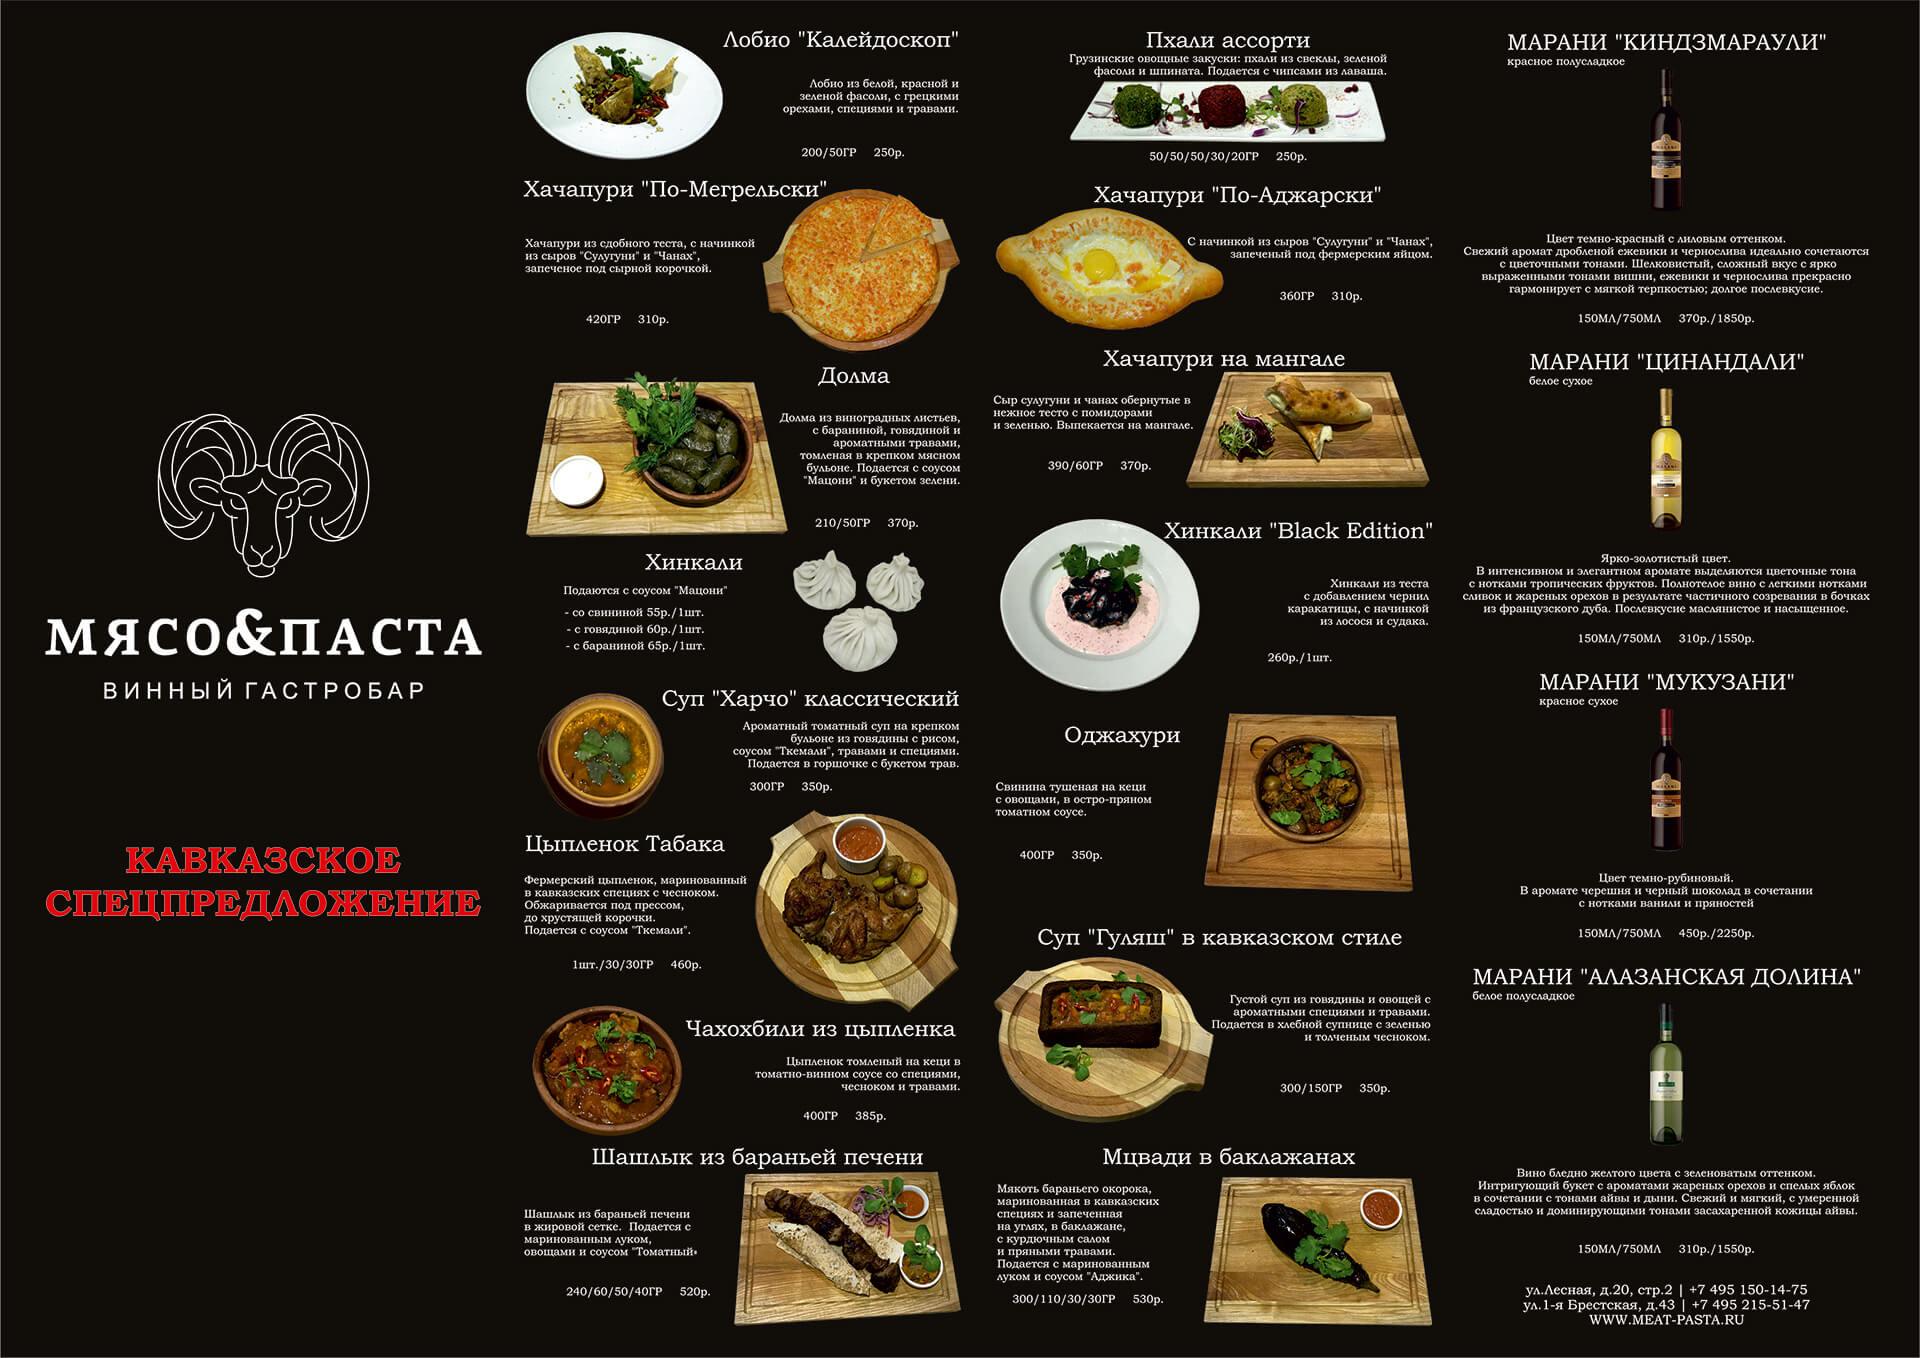 Кавказское меню